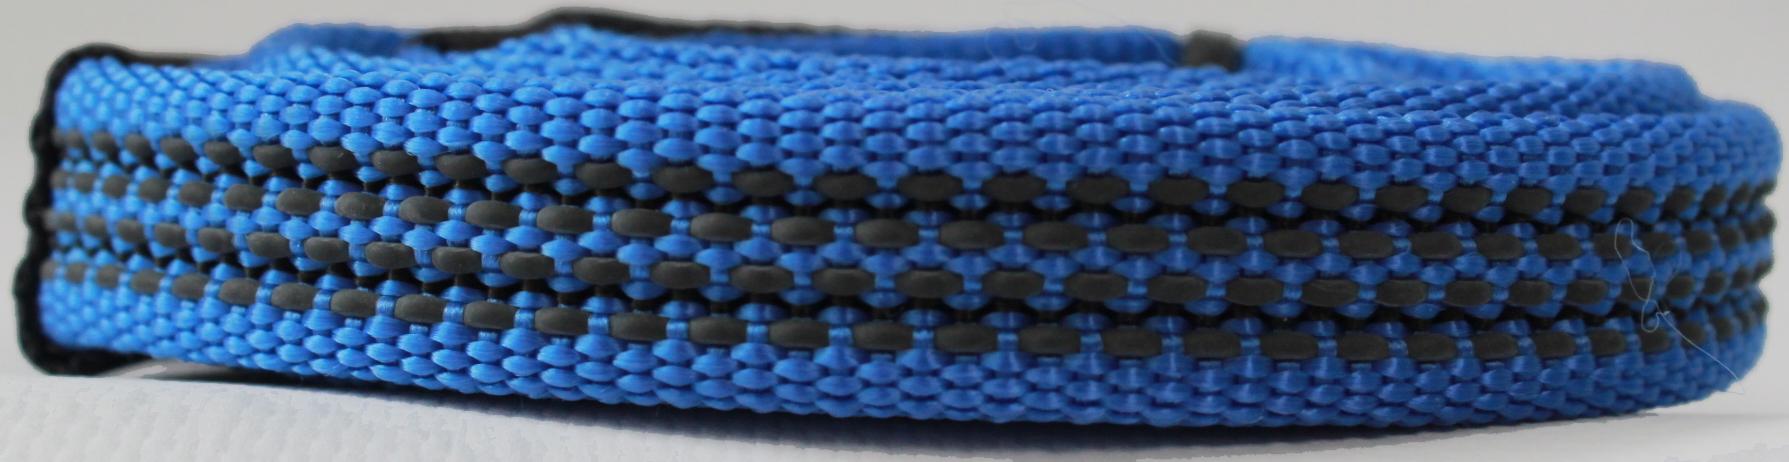 Поводок для собак Happy Friends, плавающий, нескользящий, цвет: синий, ширина 1,5 см, длина 1,20 м поводок водилка для собак happy friends нескользящий цвет синий ширина 2 см длина 0 40 м